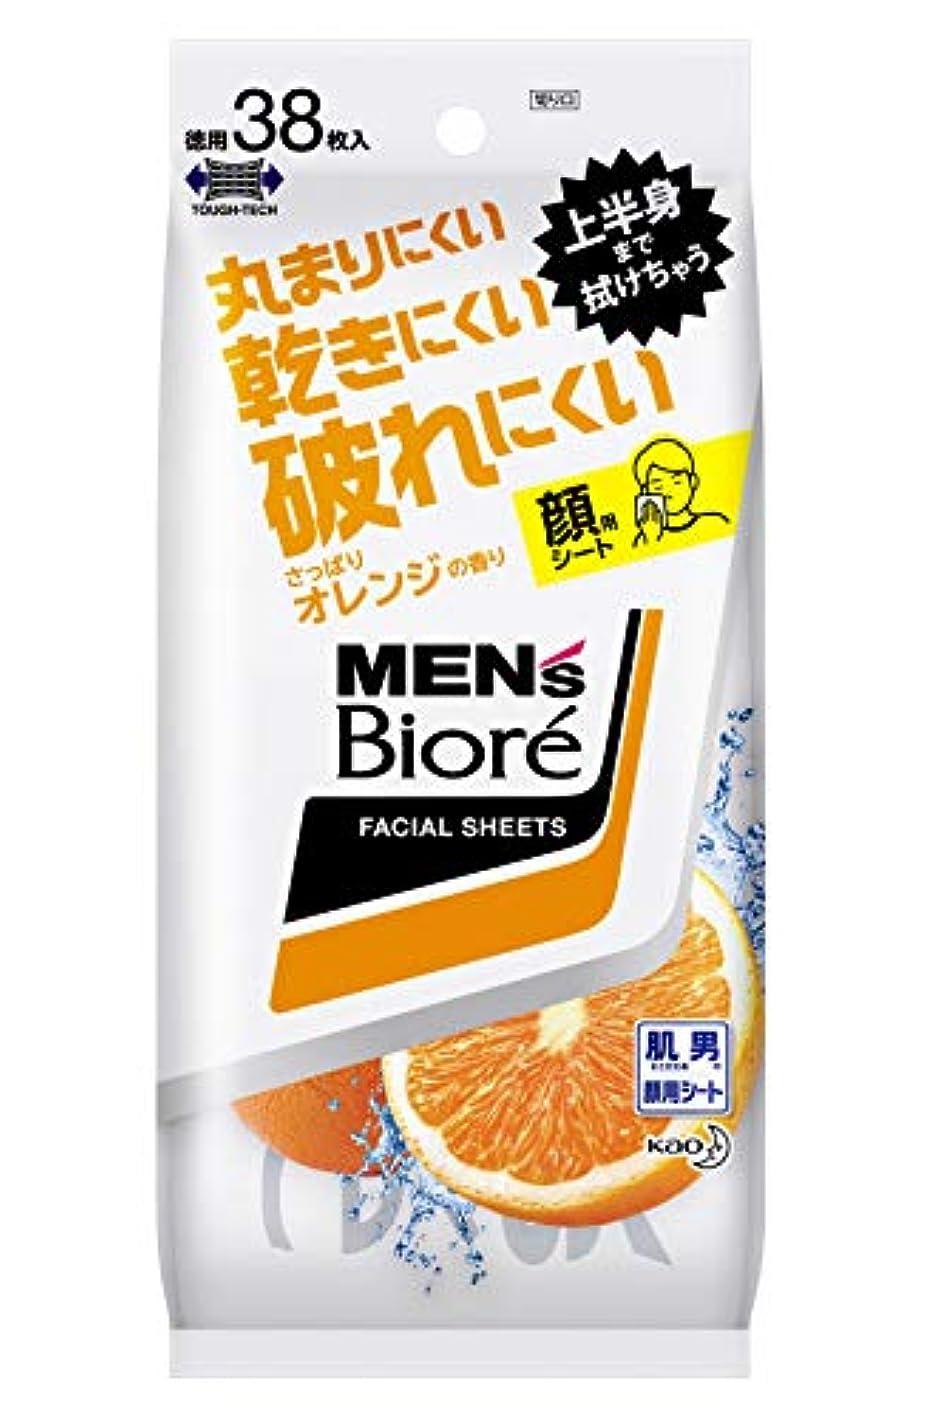 近代化する戸惑う彼自身メンズビオレ 洗顔シート さっぱりオレンジの香り <卓上タイプ> 38枚入